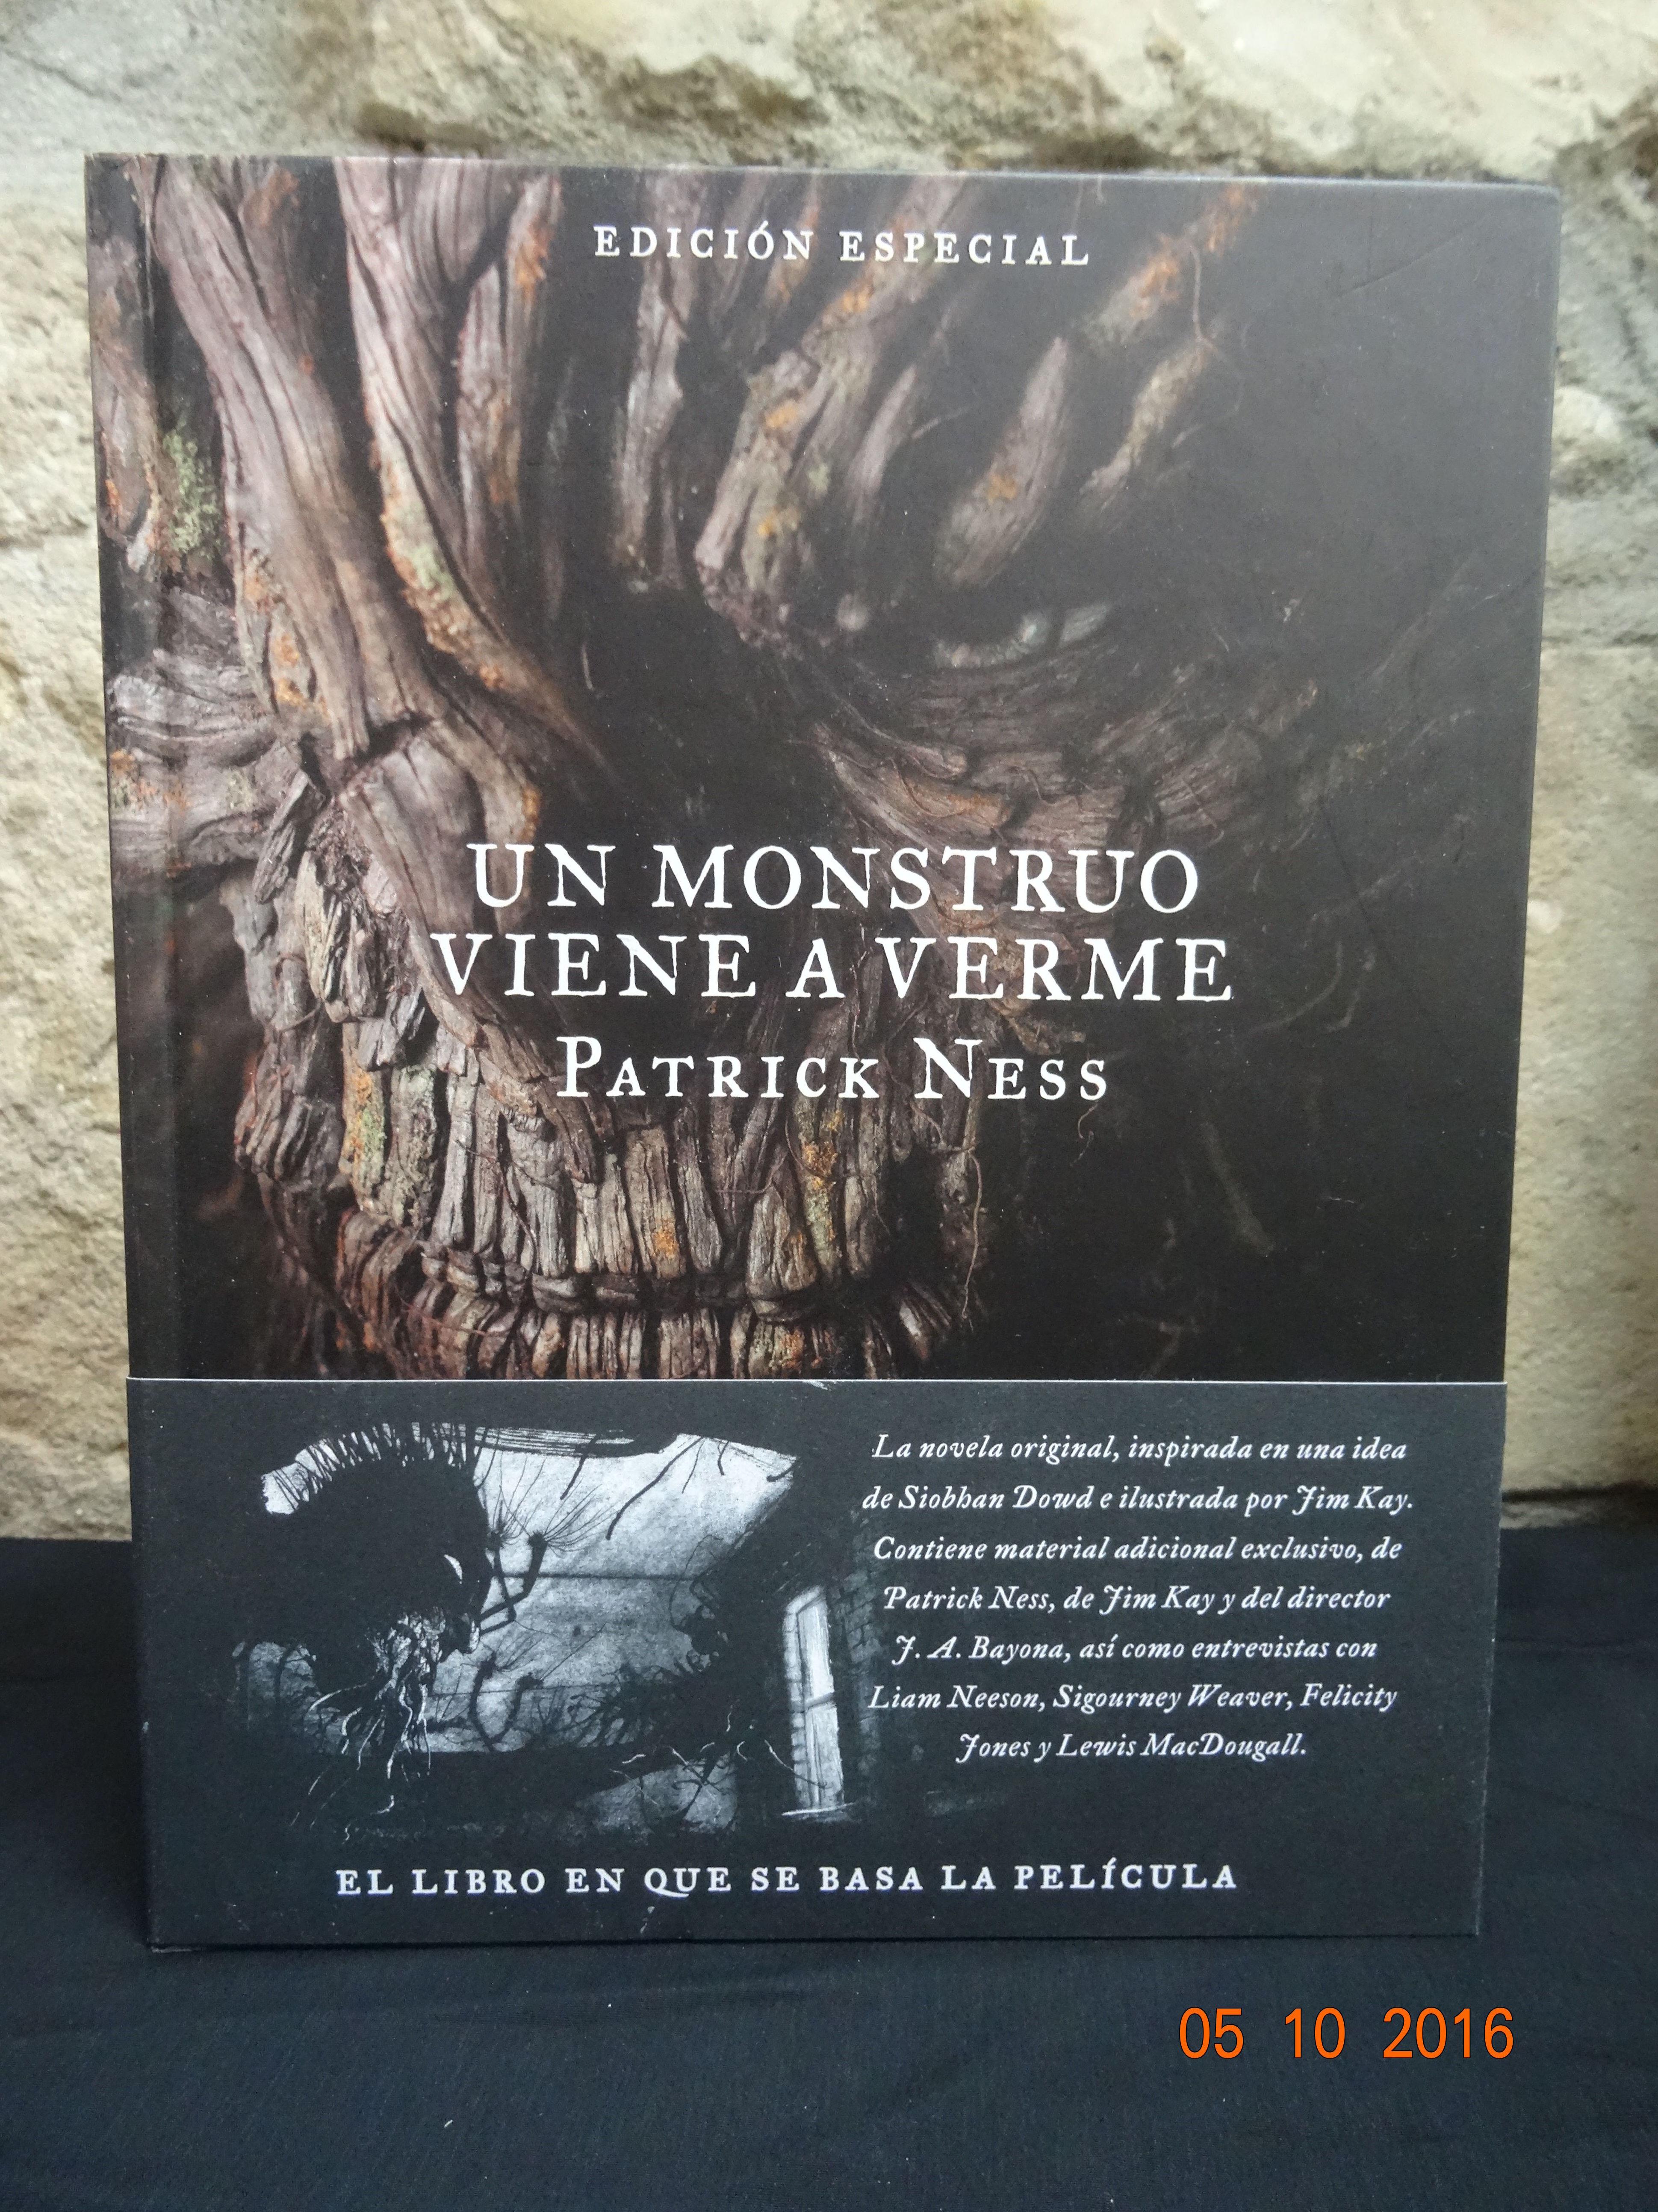 Un monstruo viene a verme: SECCIONES de Librería Nueva Plaza Universitaria